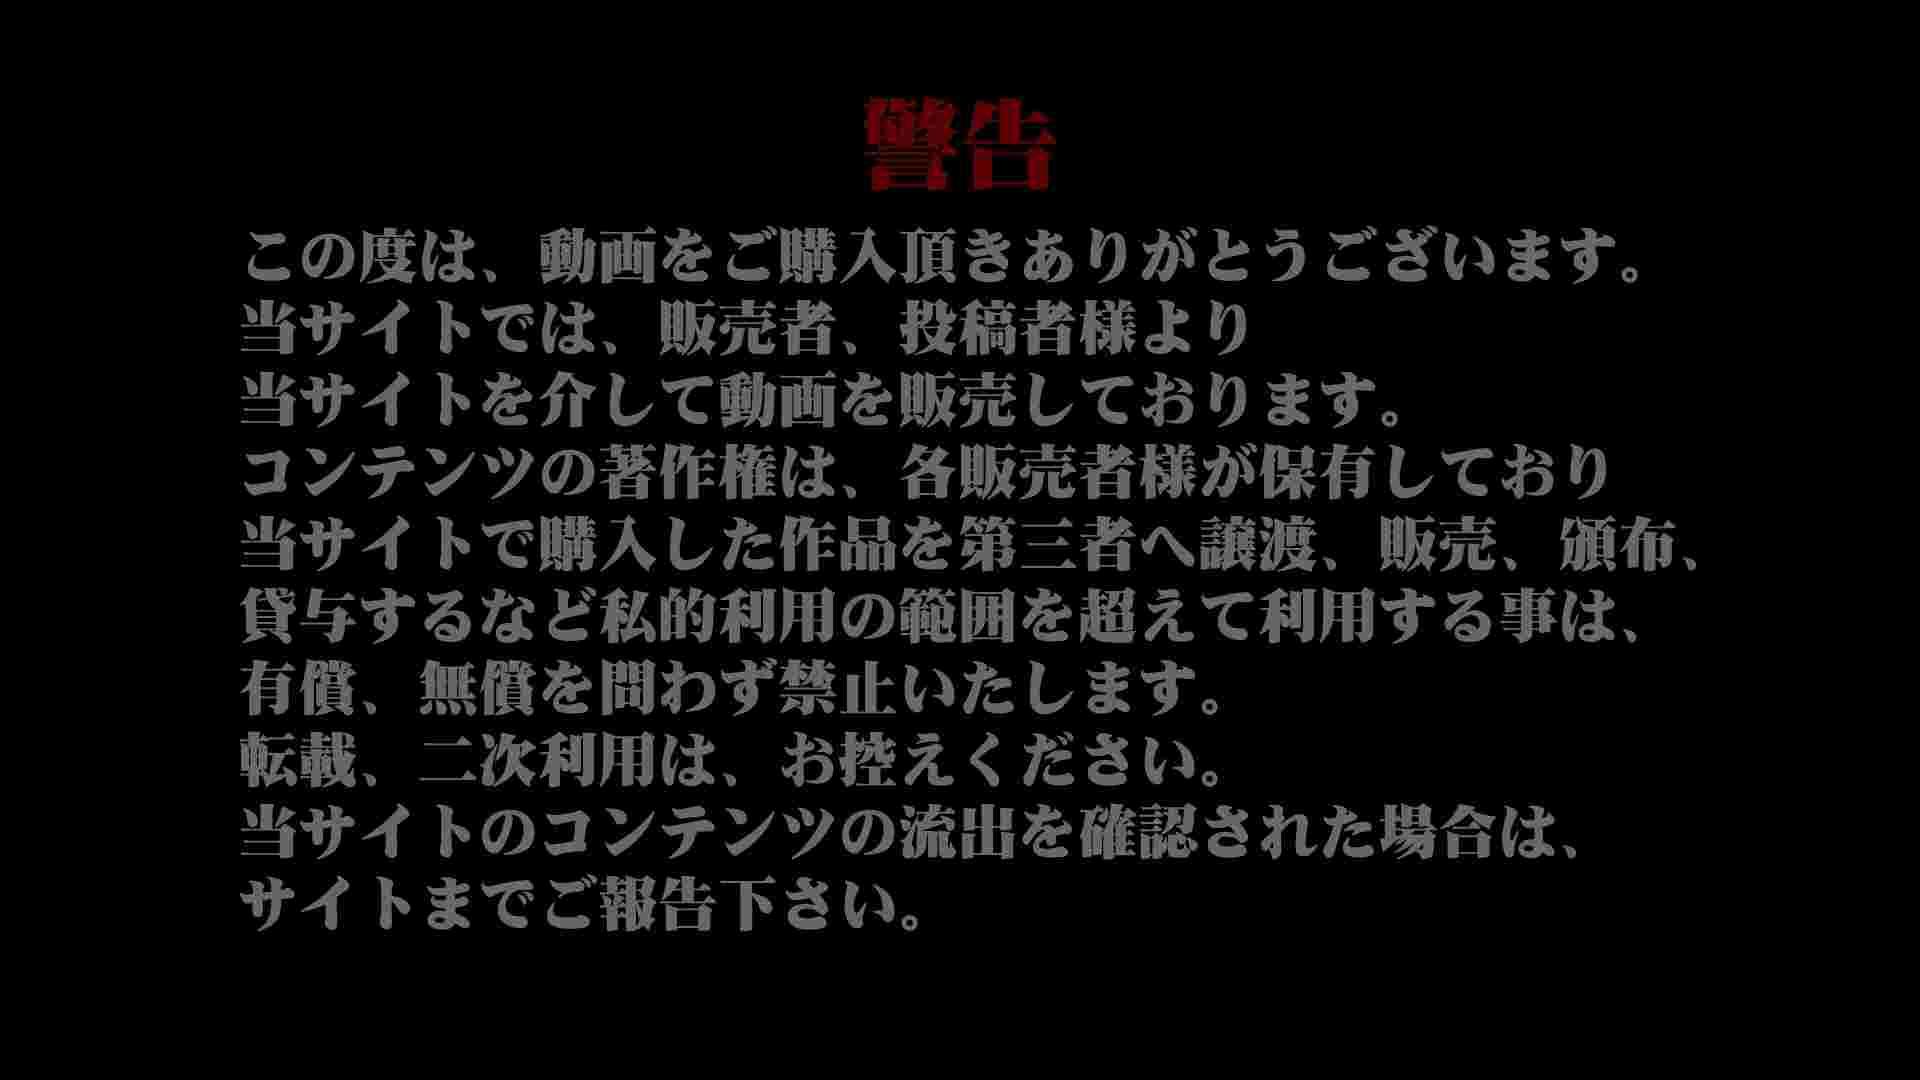 ギャルのパンチラ 美女の痴態に密着!Vol.16 高画質動画 セックス無修正動画無料 60画像 19